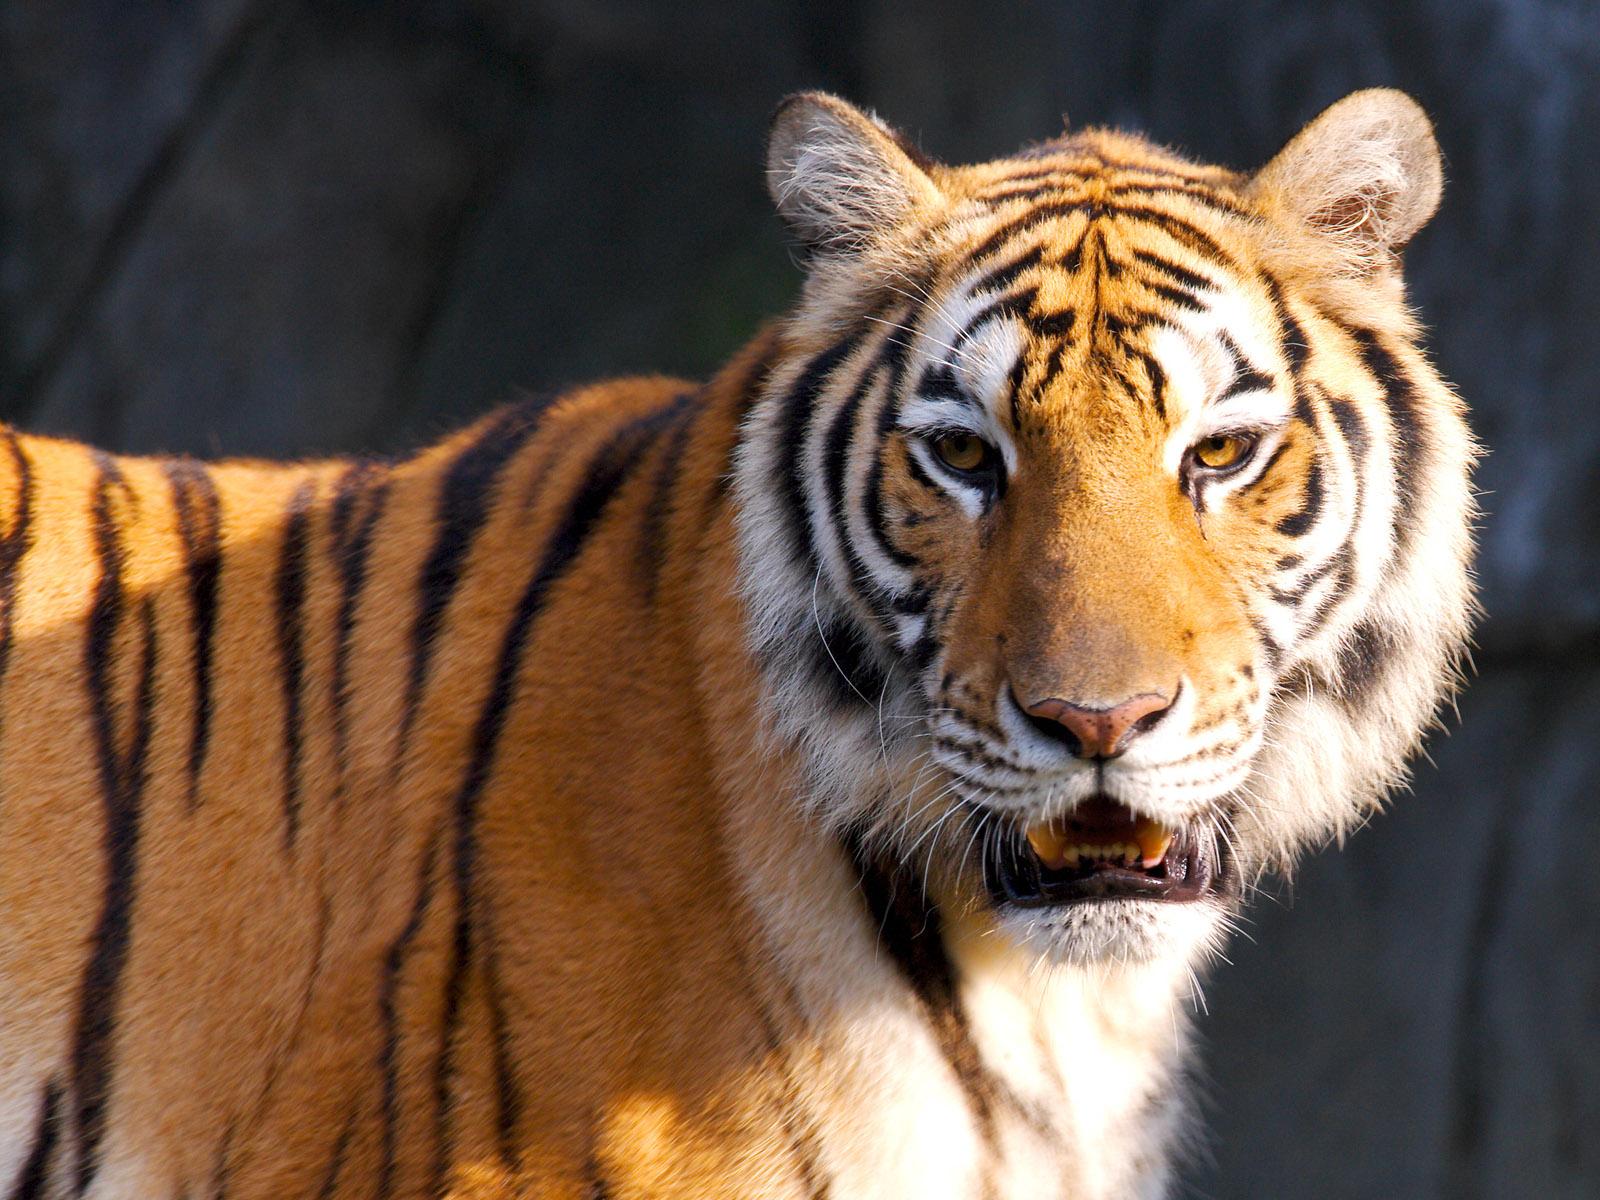 Animals Wallpaper 3d Hd 2 0 Apk Download: Tiger HD Wallpapers